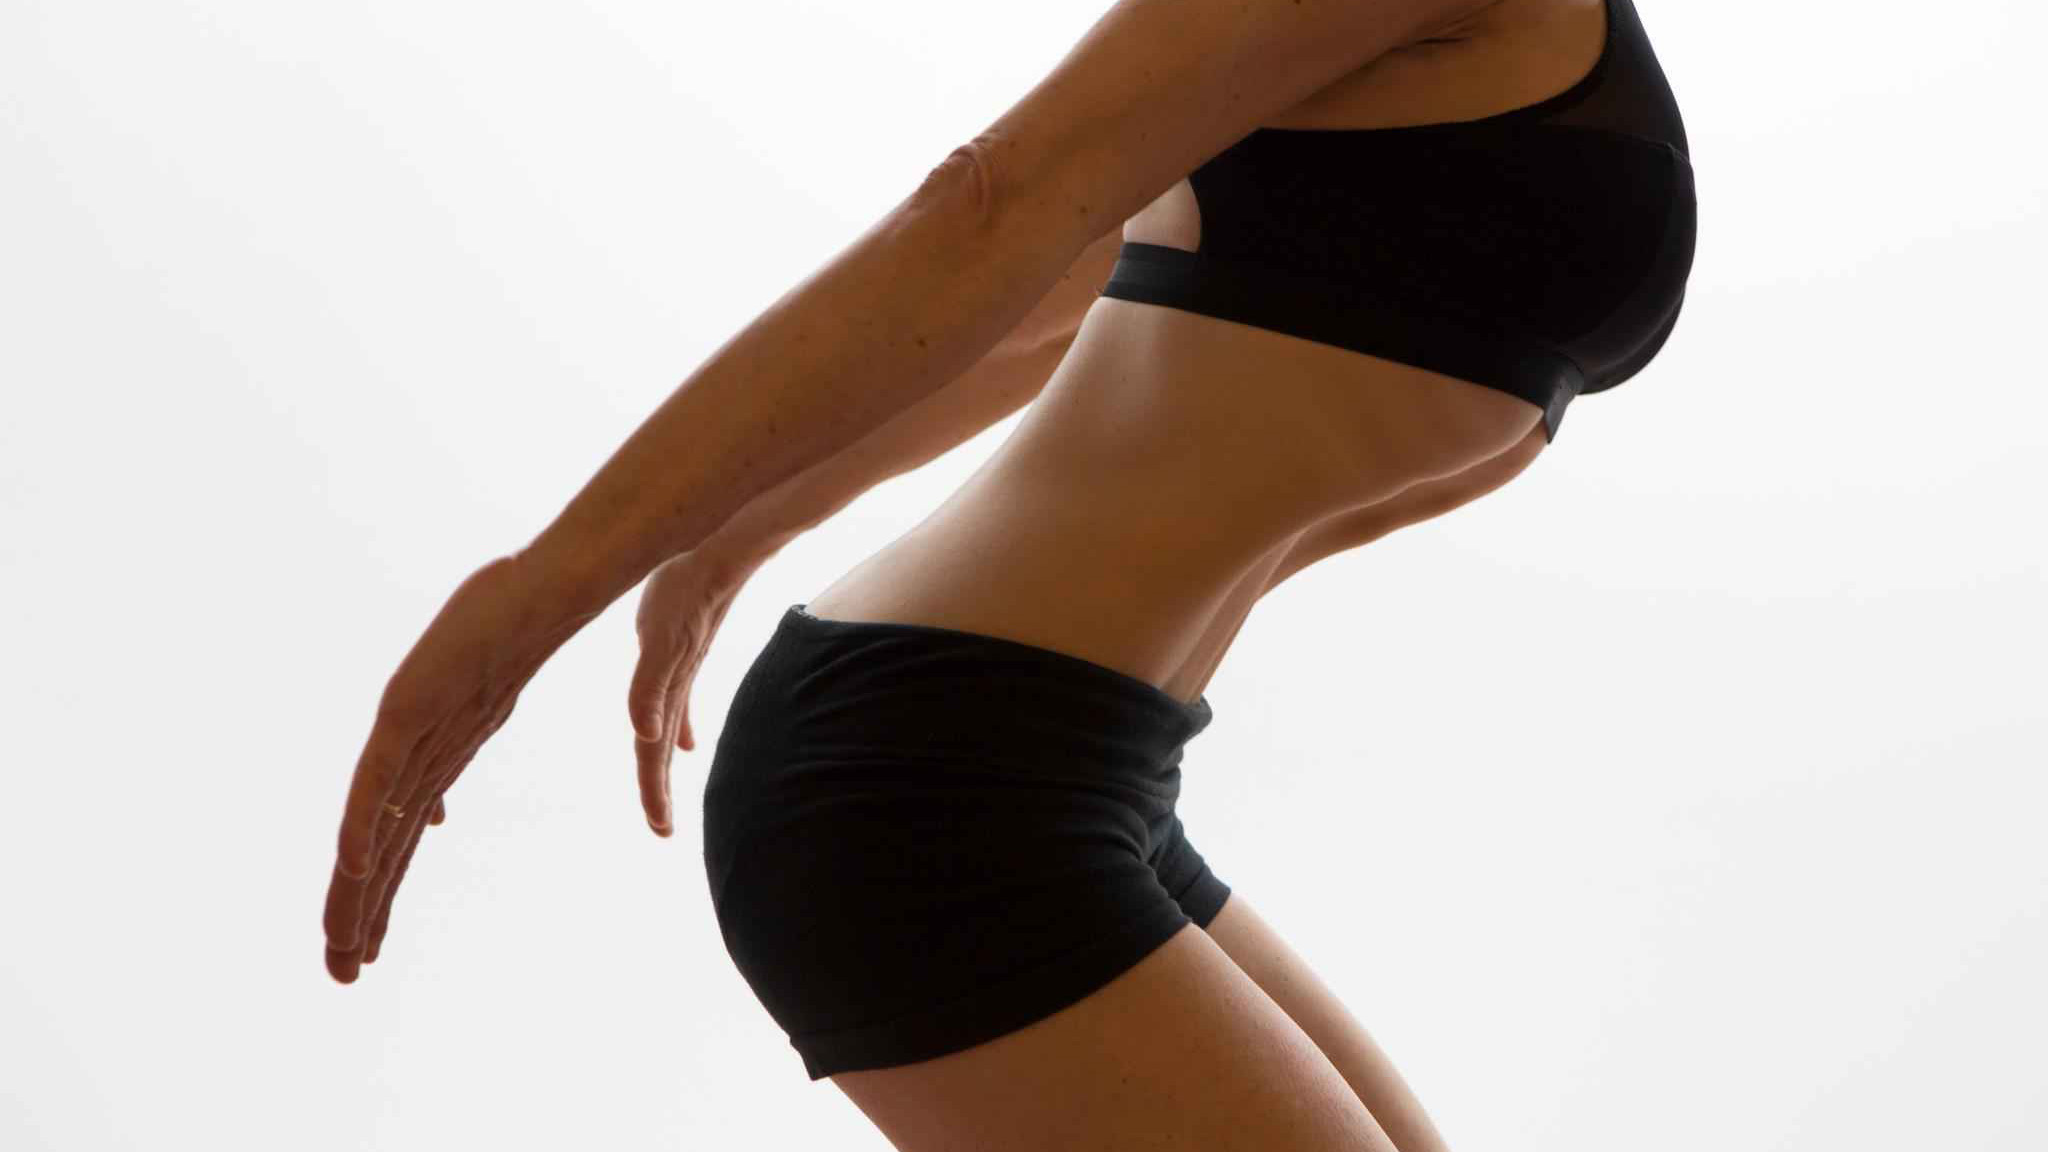 El Sumario - Se trata de la unión entre la respiración adecuada y la presión en el abdomen que favorecen las actividades fisioterapéuticas